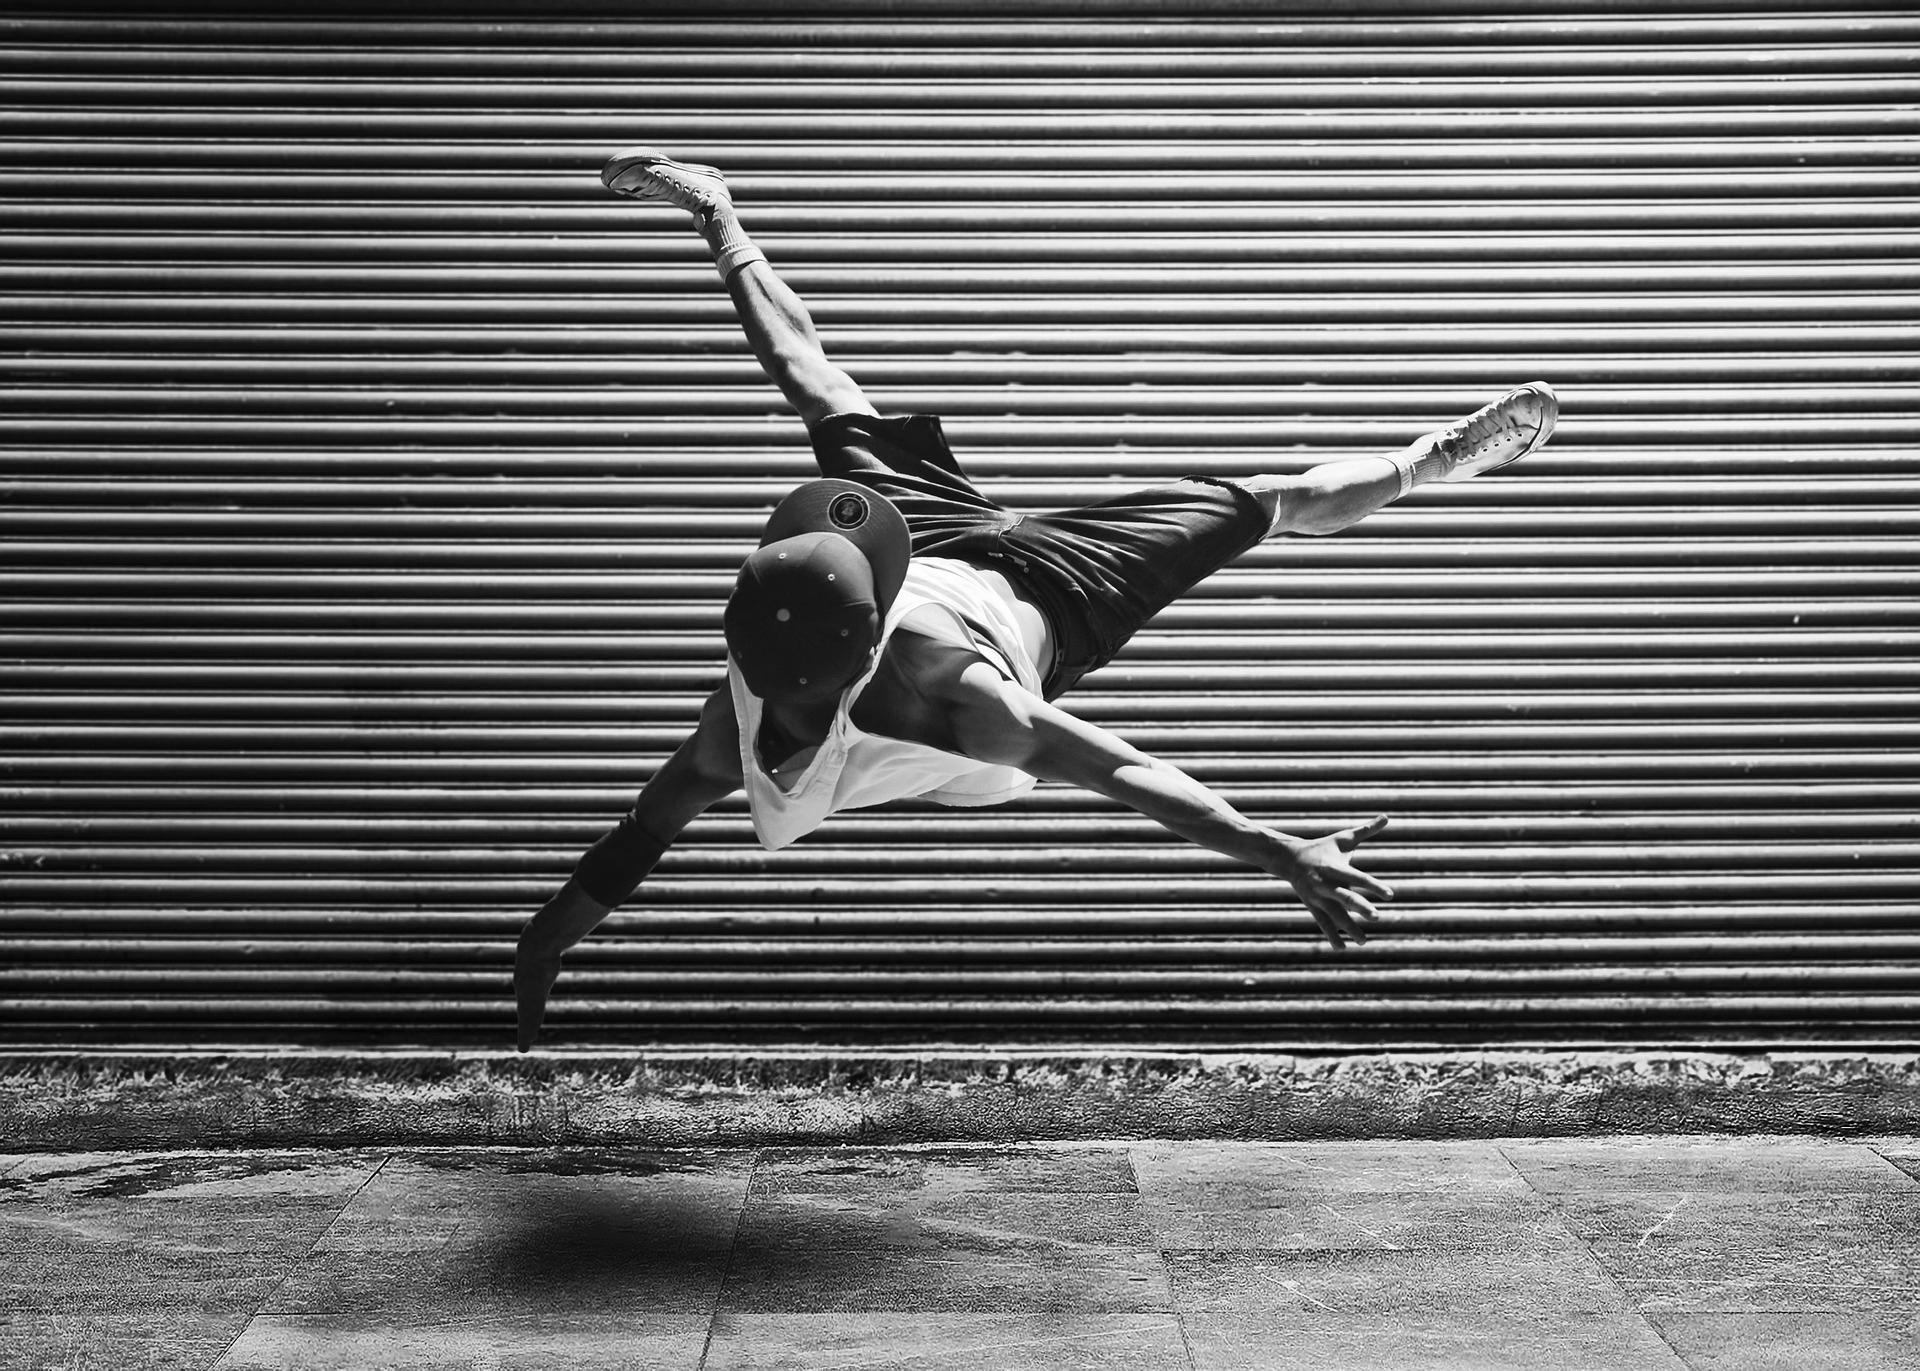 raul-bueno-clases-de-baile-moderno